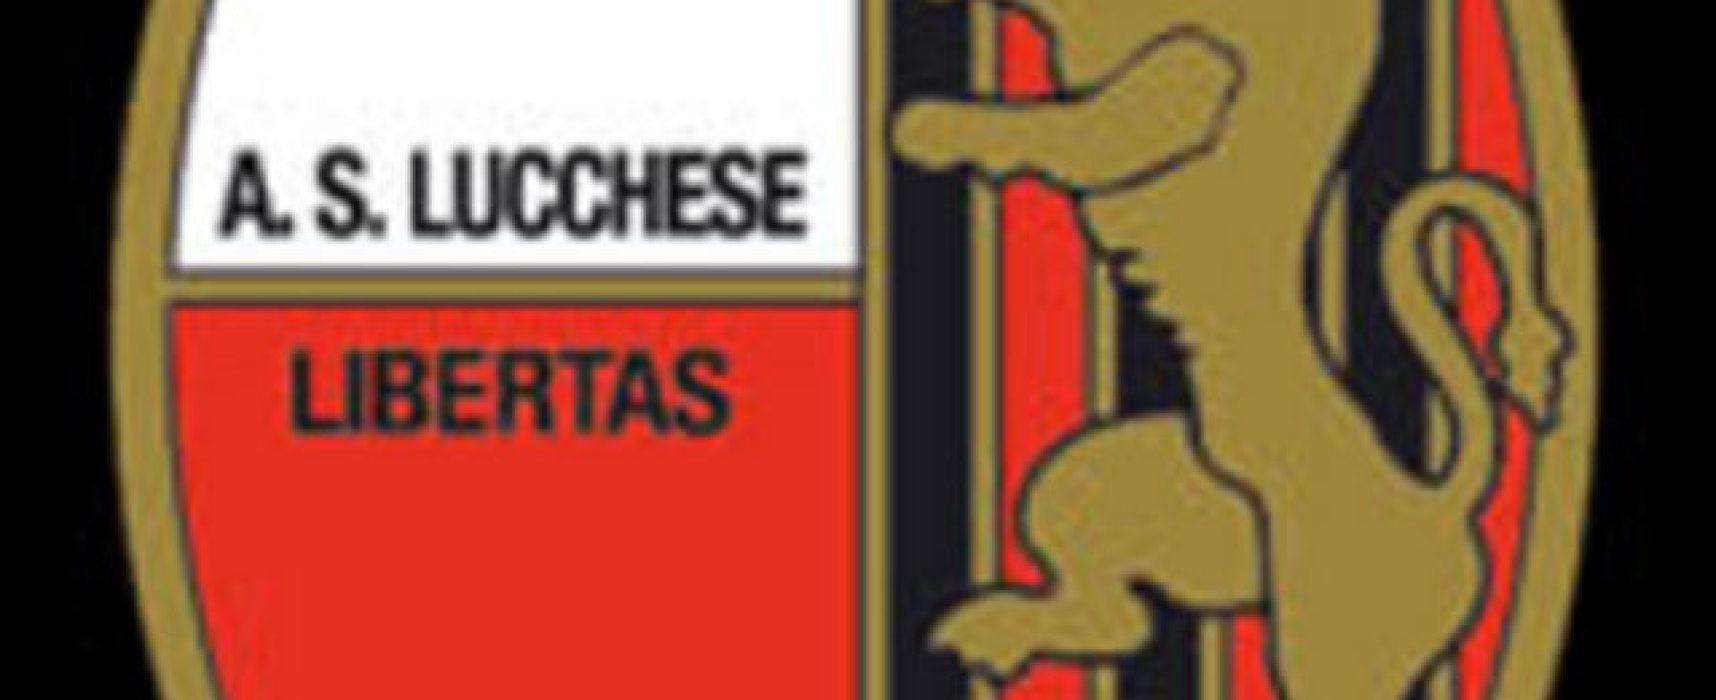 Prato – Lucchese:  come acquistare i biglietti